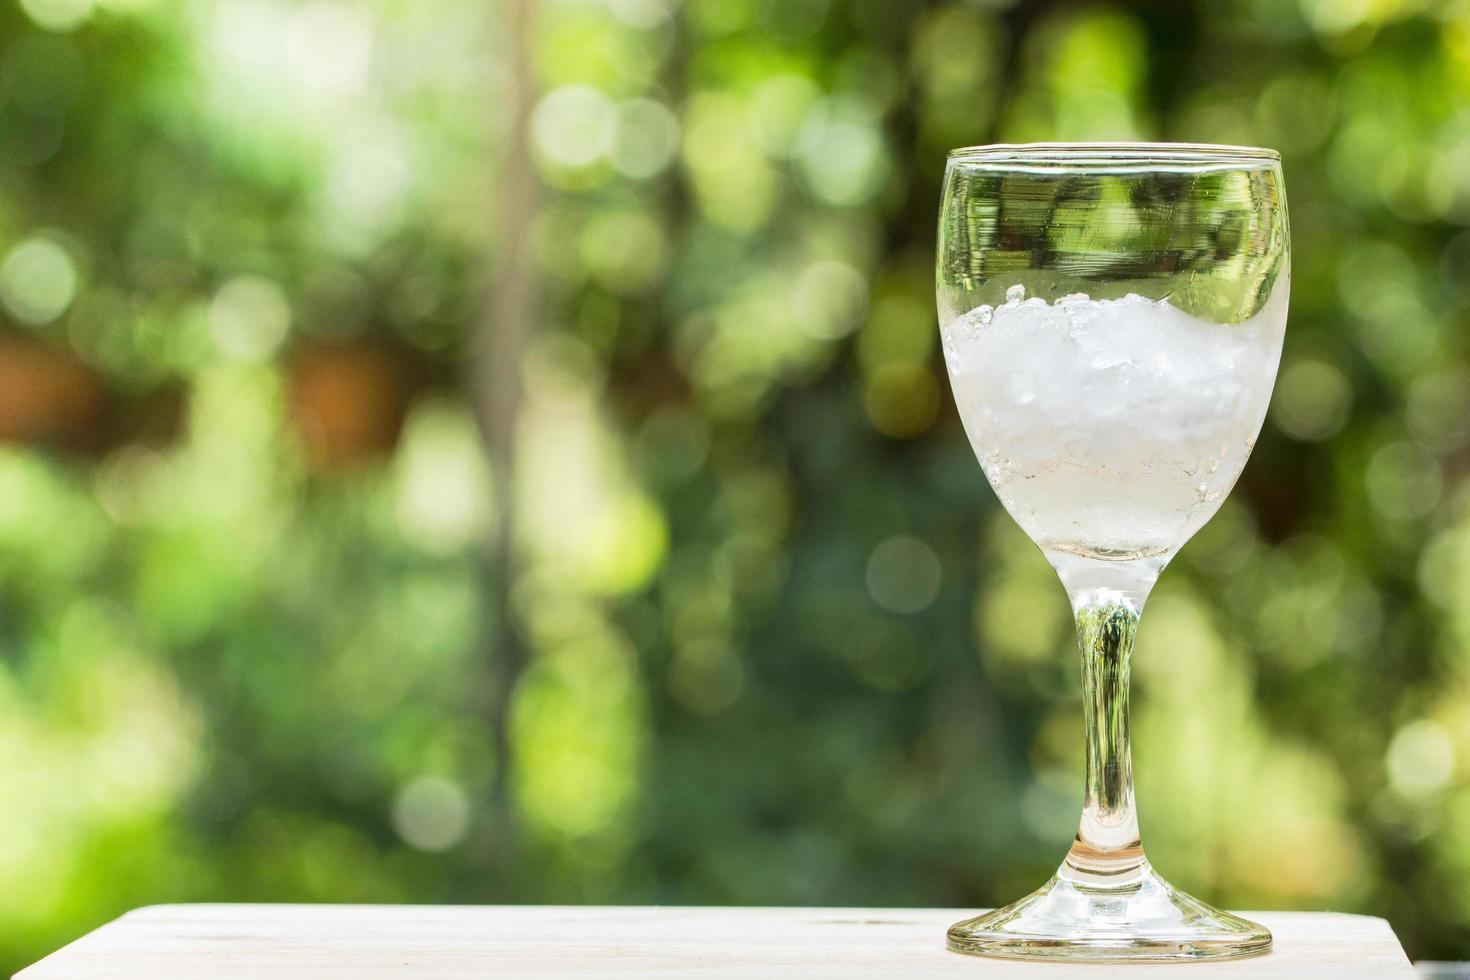 verre rempli de glace sur fond de nature photo